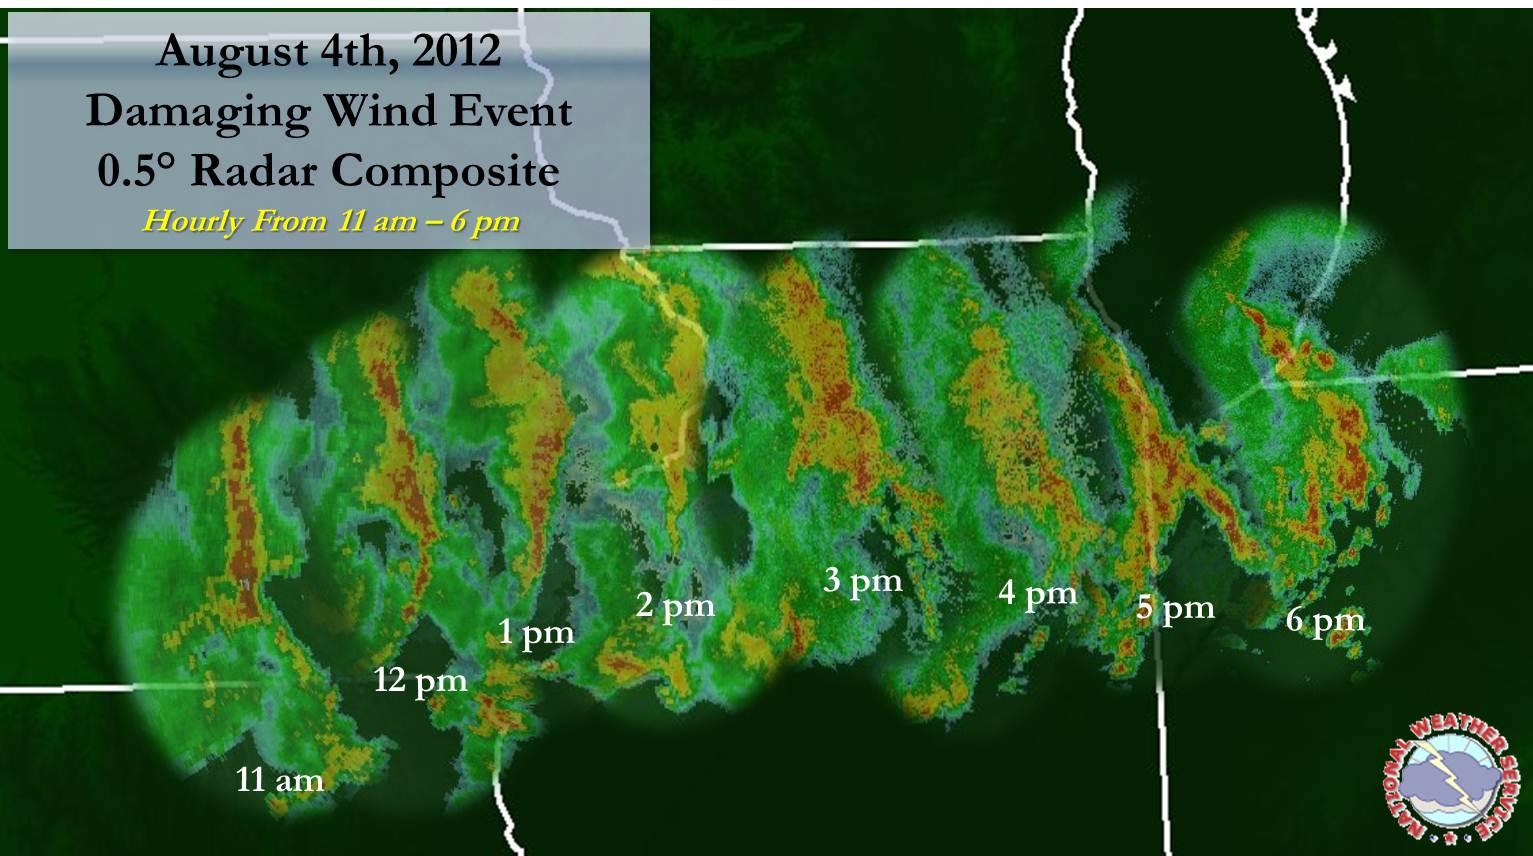 Radar Composite